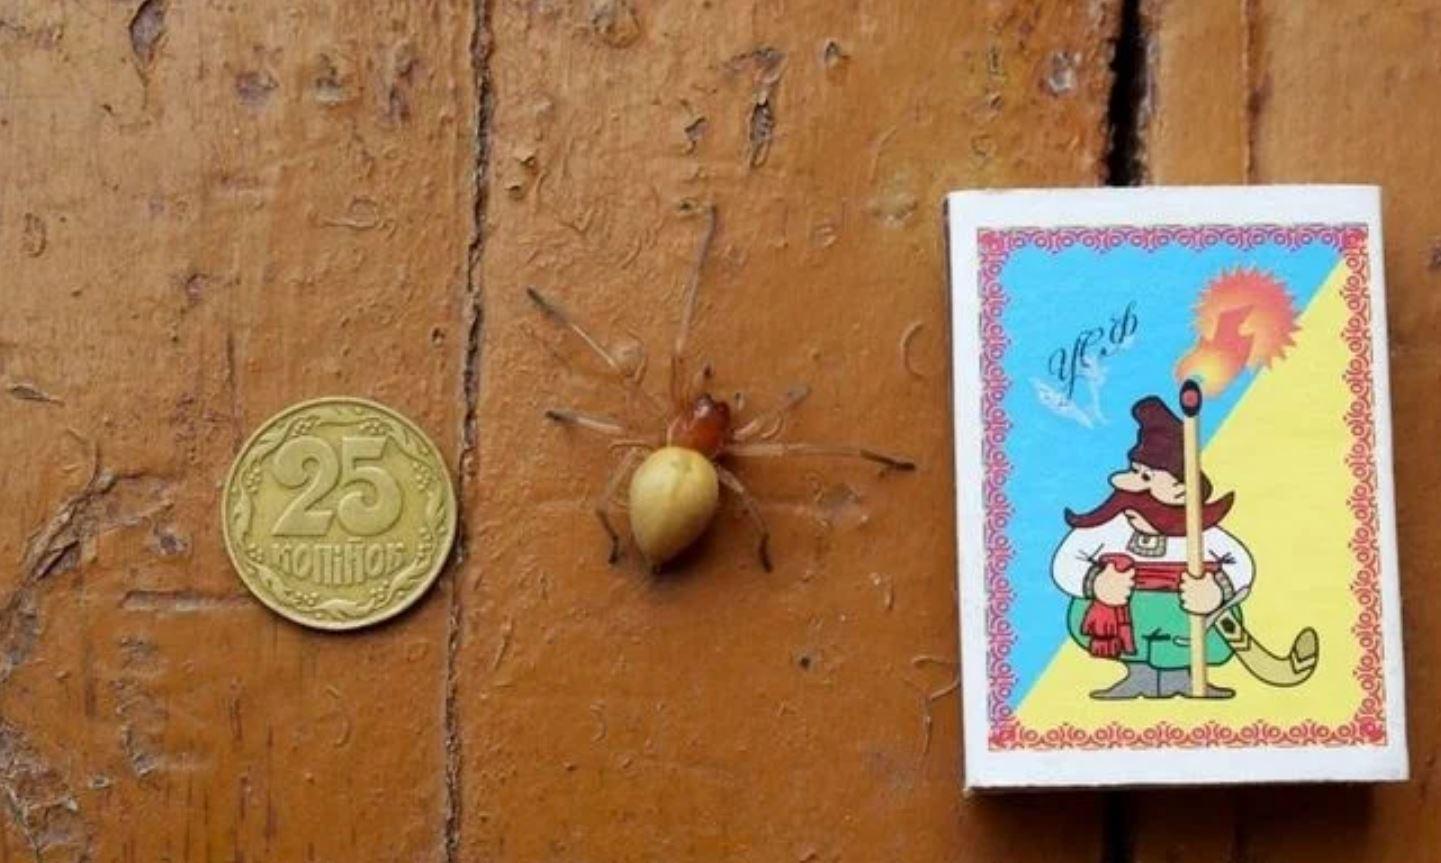 Ядовитые пауки с четырьмя челюстями расплодились в Украине: очень опасен. Фото.